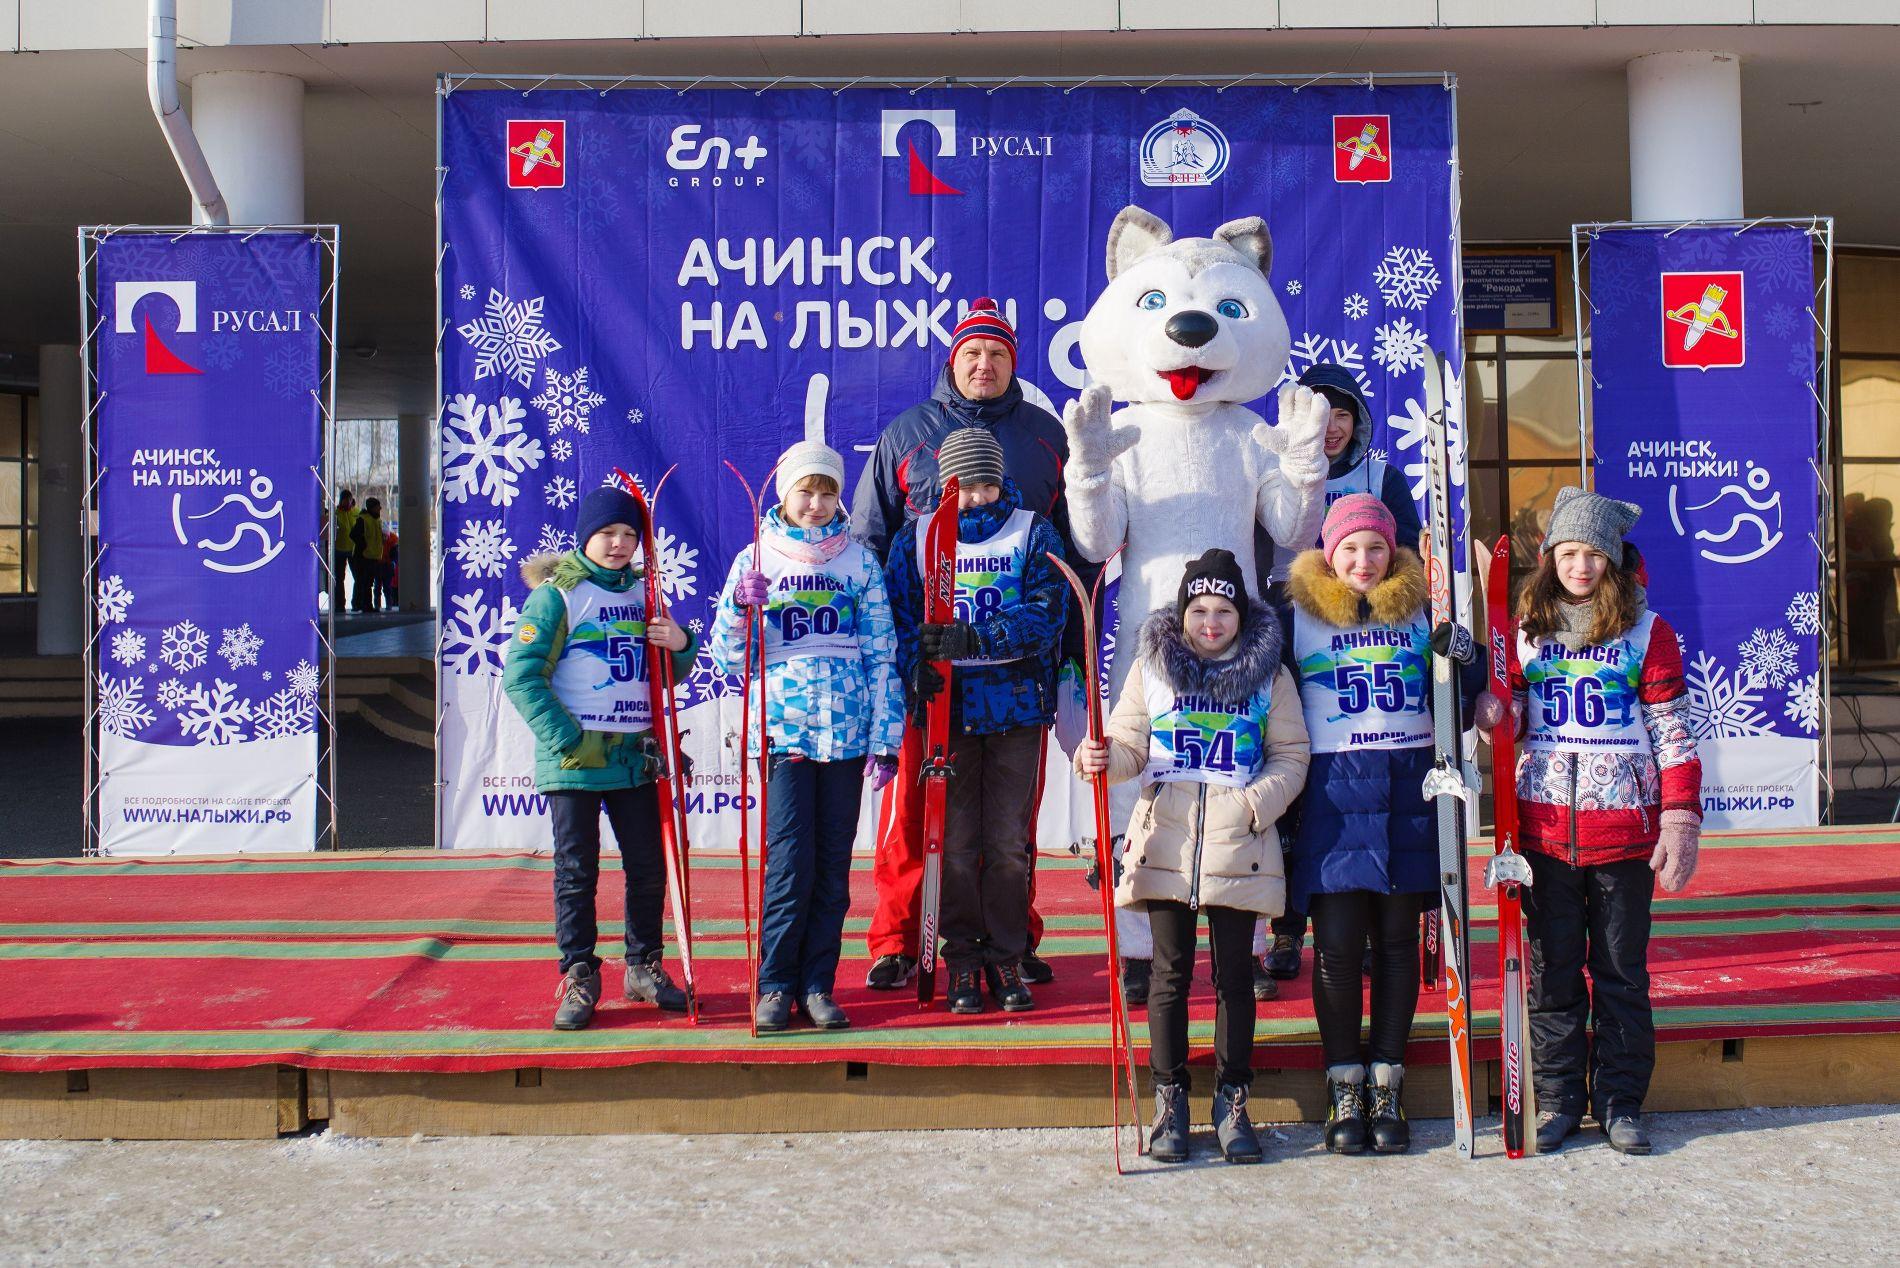 Мероприятие программы «На лыжи!» в Ачинске ©Фото пресс-службы компании «Базовый Элемент»